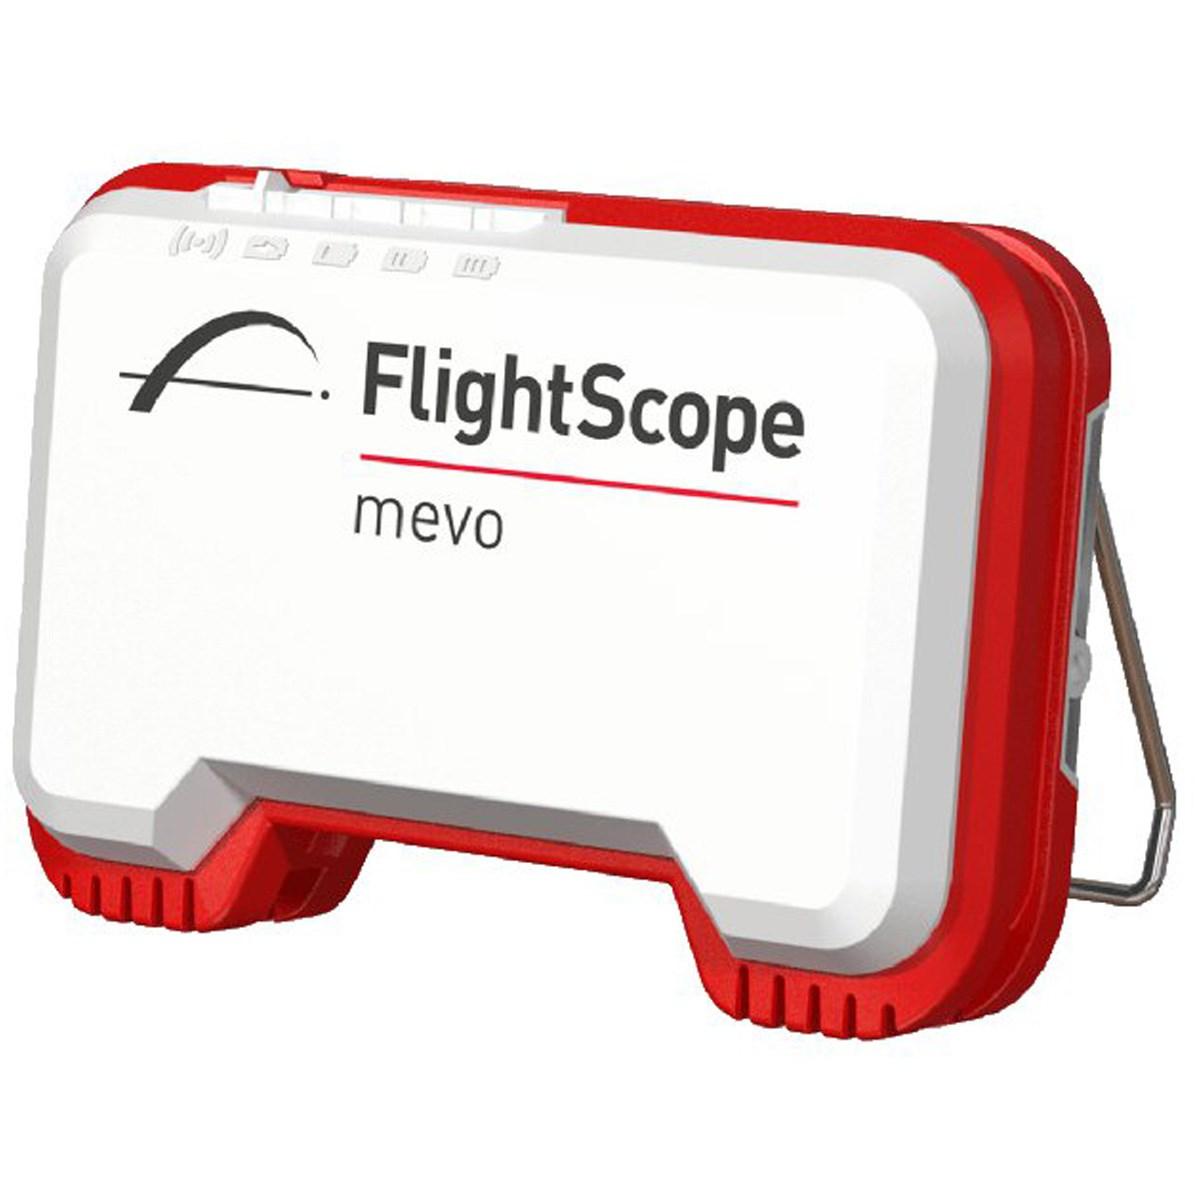 フライトスコープ MEVO ミーボ ホワイト/レッド